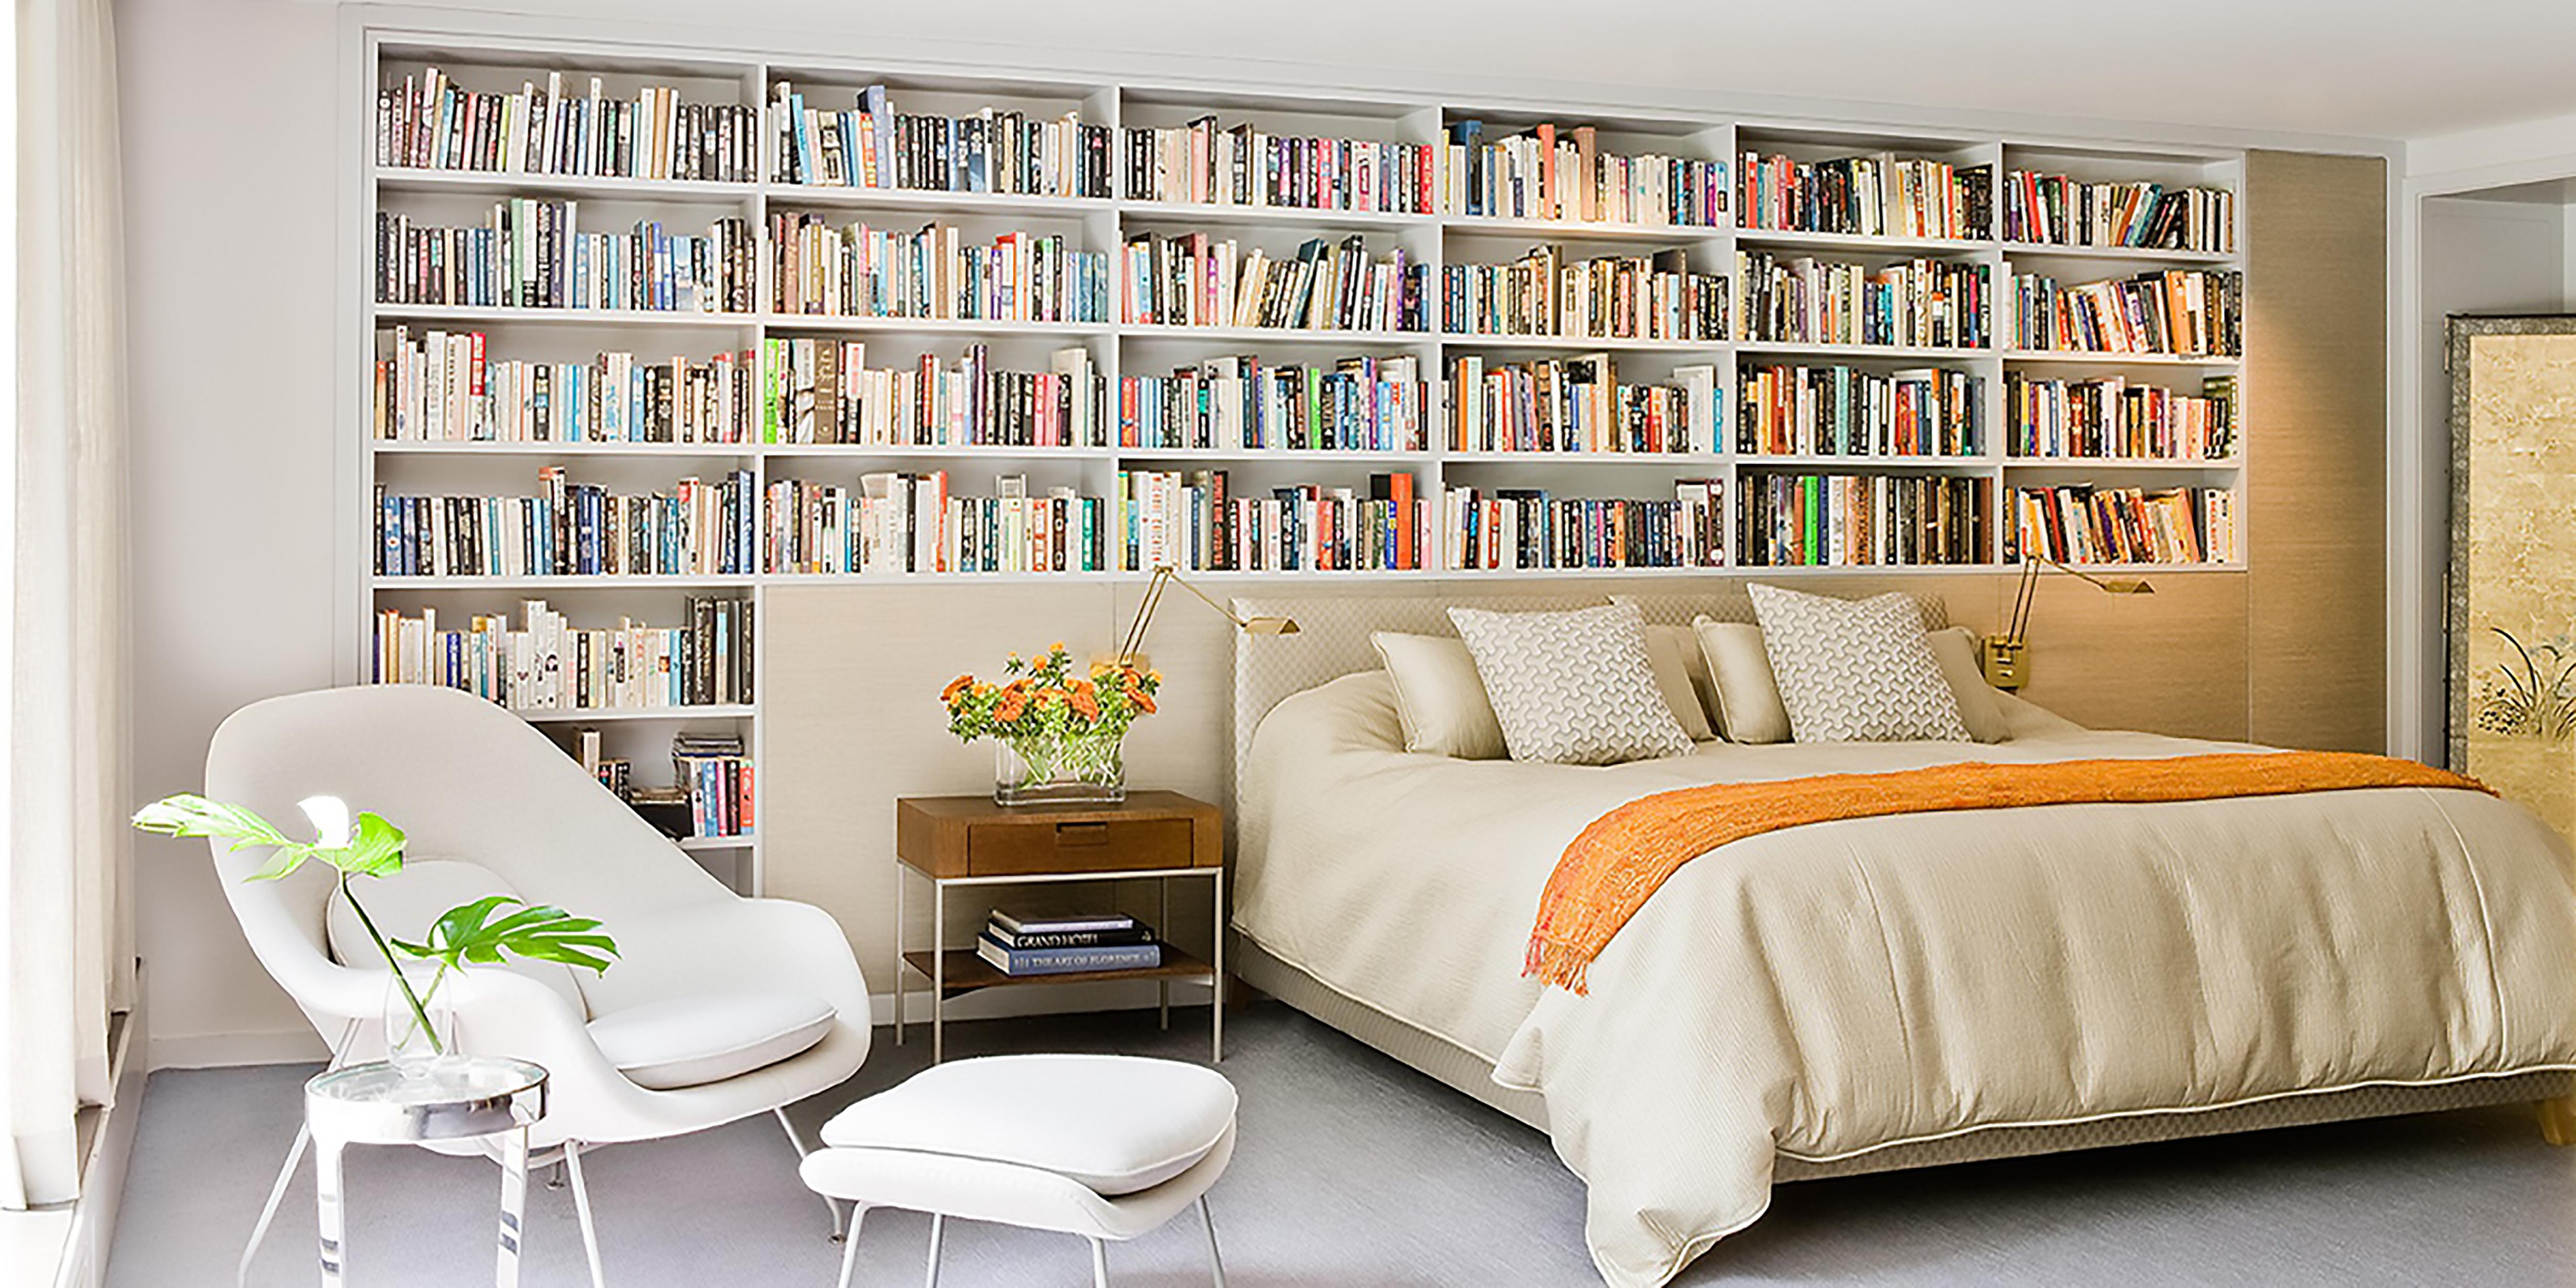 ghế đọc sách bố trí trong phòng ngủ